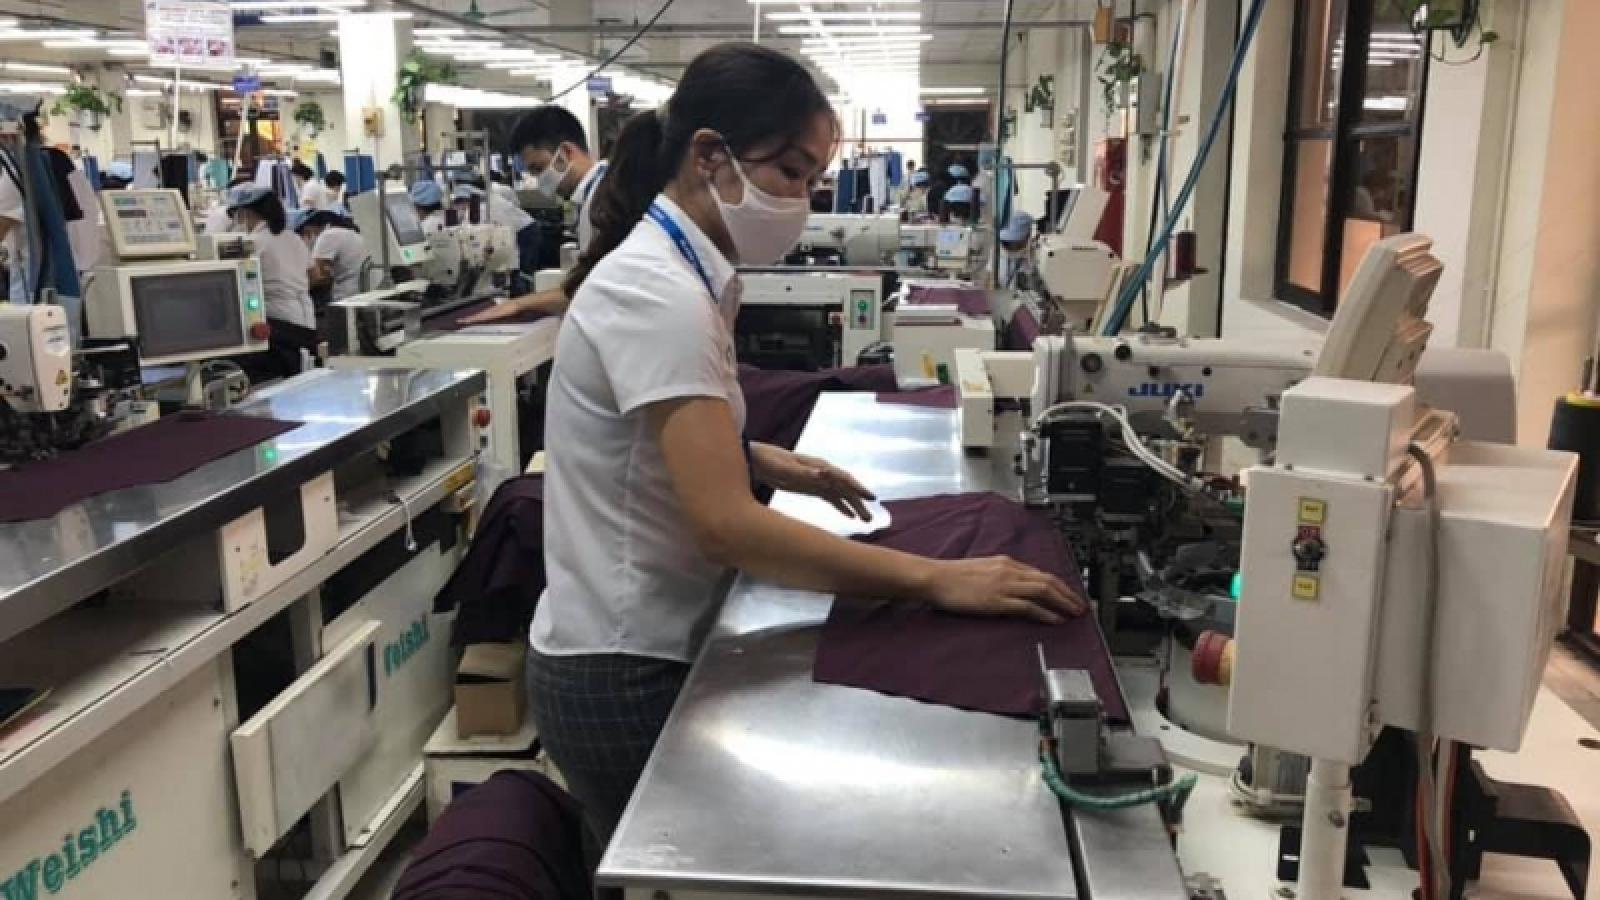 Ngày doanh nhân Việt Nam: Bản lĩnh vượt khó của cộng đồng doanh nghiệp